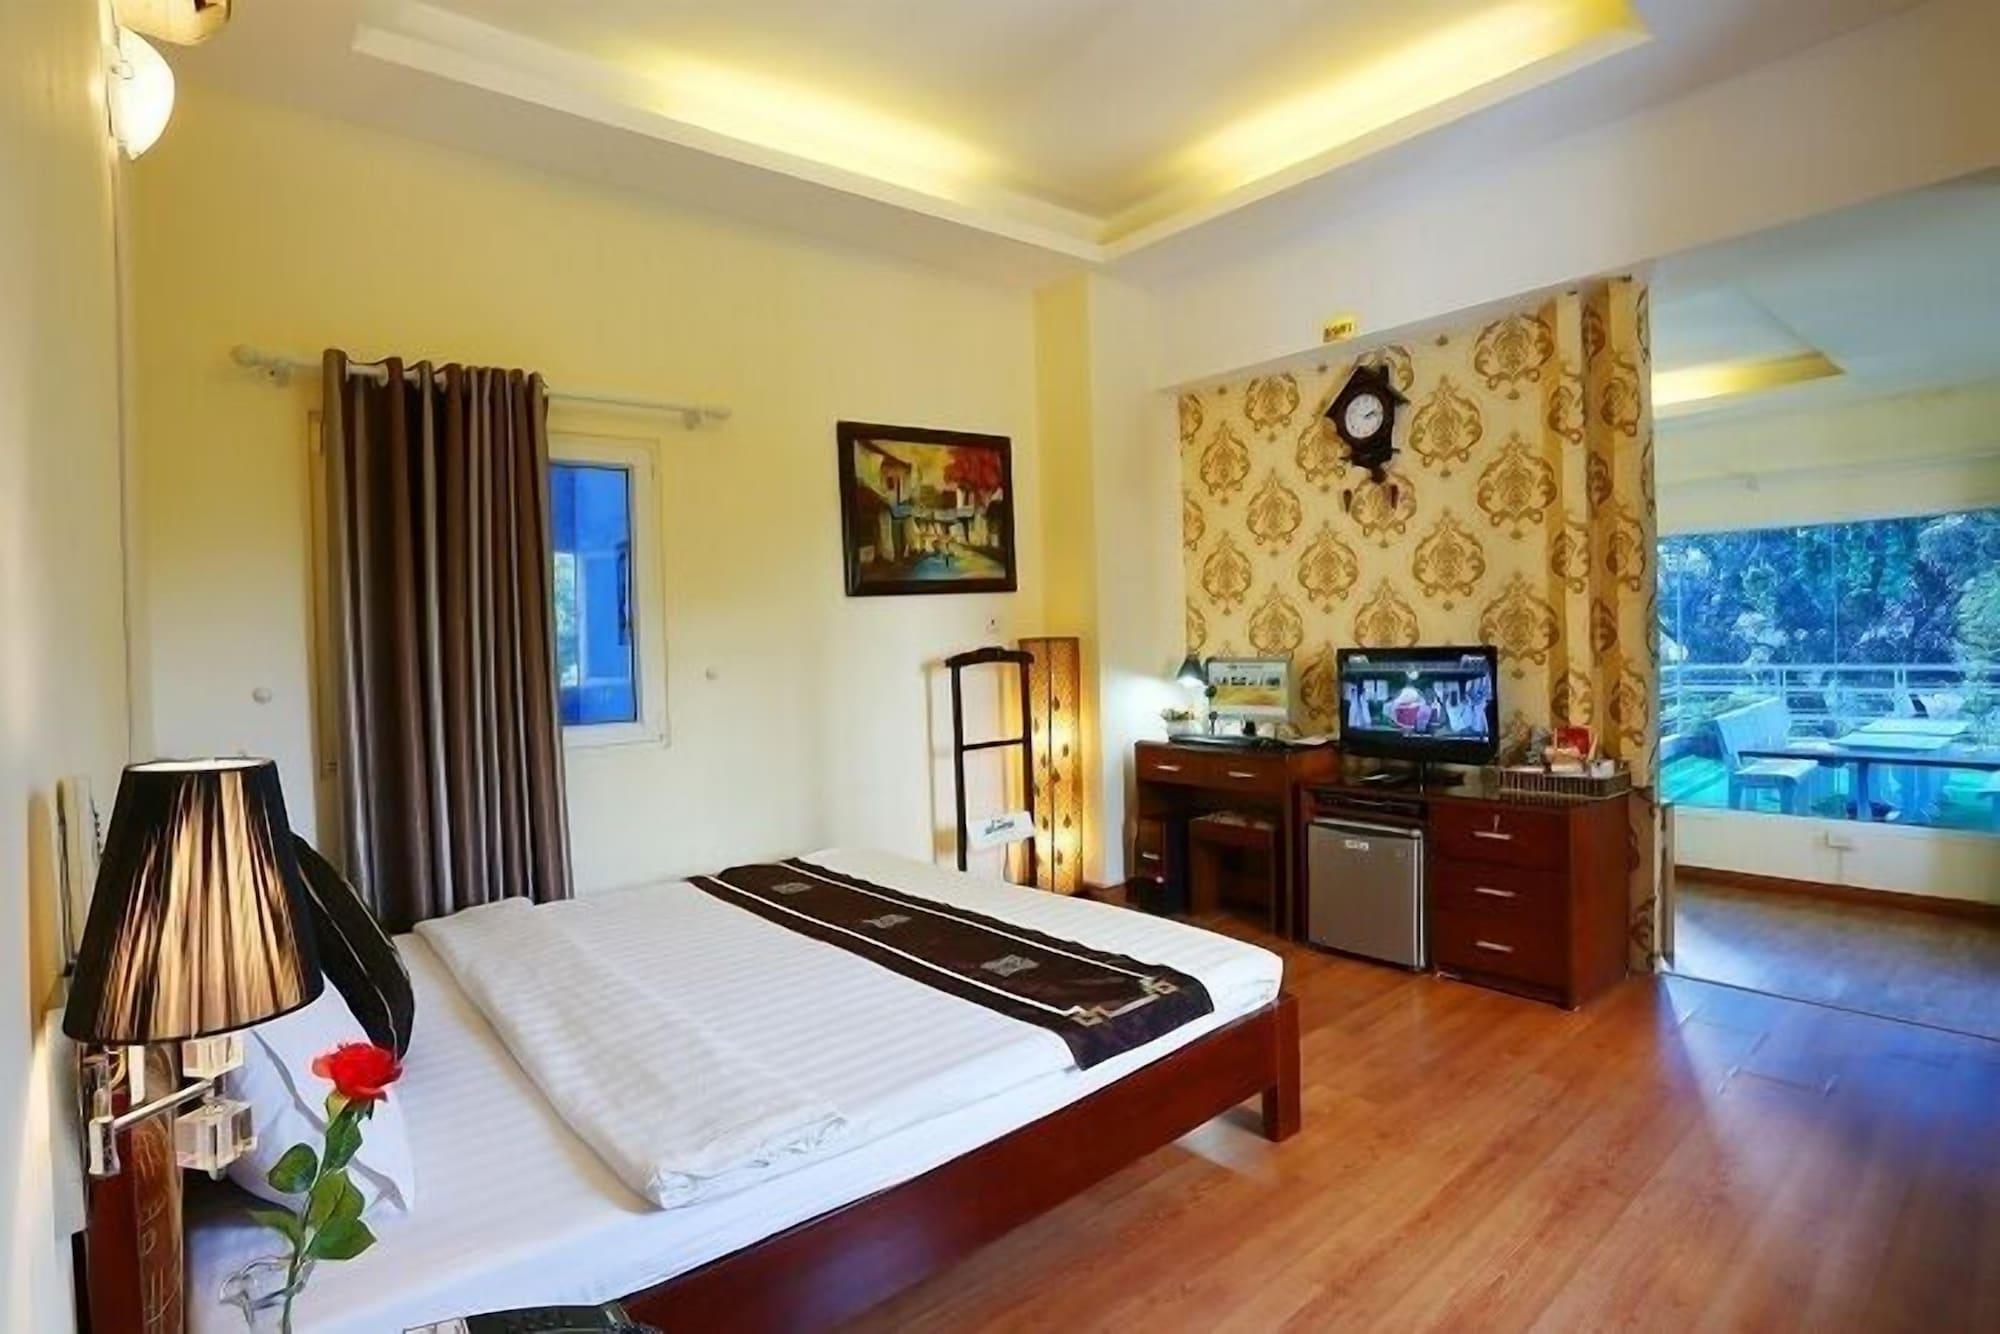 A25 Hotel - Quang Trung, Hai Bà Trưng